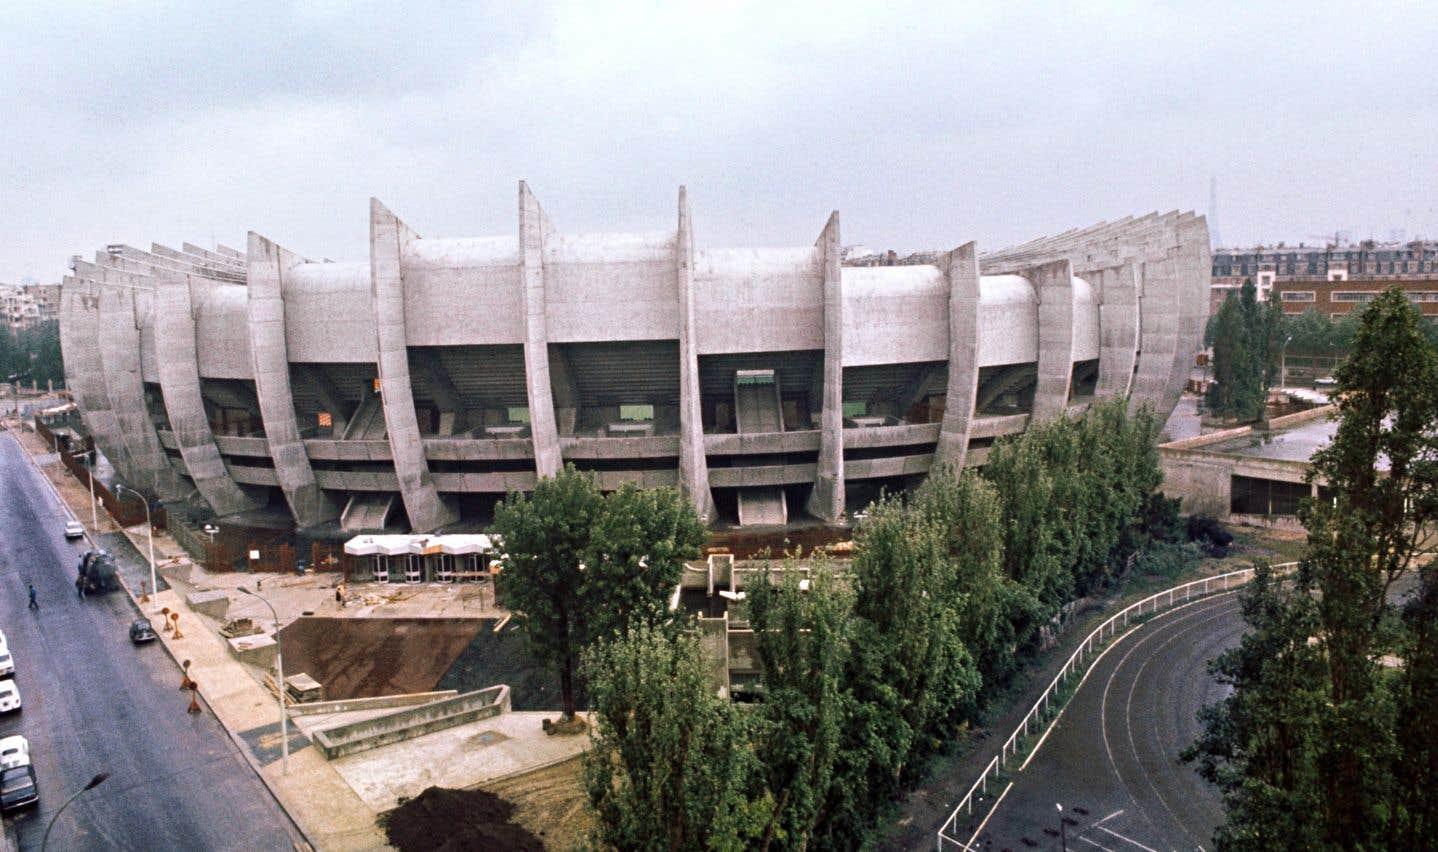 Ce stade est situé dans le sud-ouest de Paris depuis 1897, mais Roger Taillibert l'a remis à neuf en 1972. Qualifié d'«avant-gardiste» par certains, il deviendra le premier stade d'Europe à être doté d'un éclairage intégré au toit et peut accueillir quelque 45 000 spectateurs.